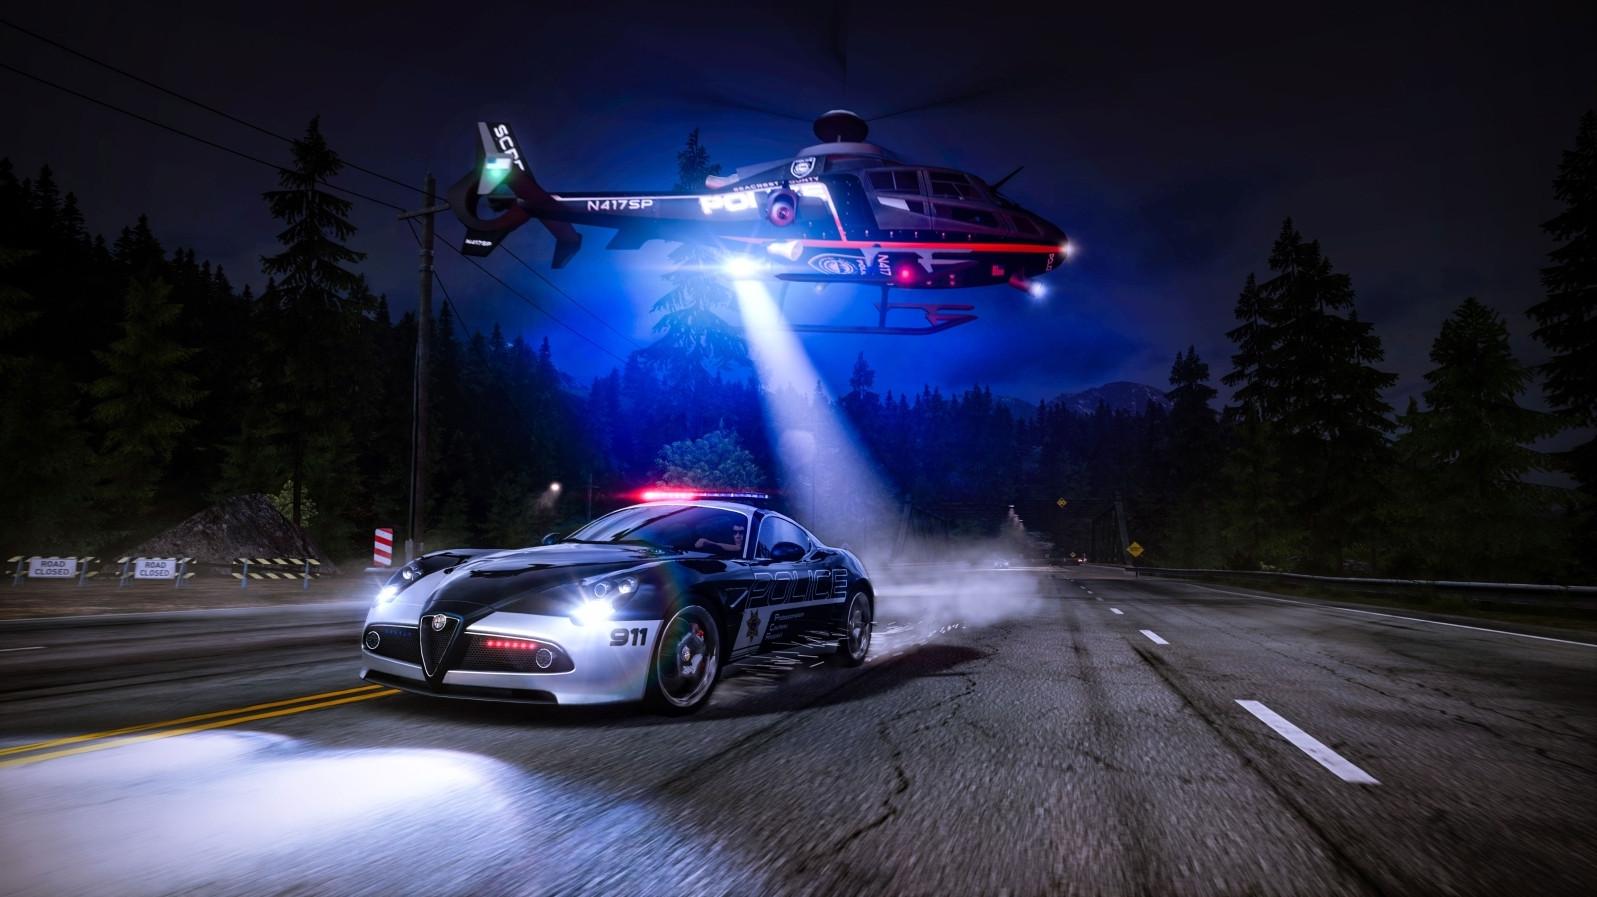 Кроссплей, дата выхода и скриншоты — стали известны подробности переиздания Need for Speed: Hot Pursuit